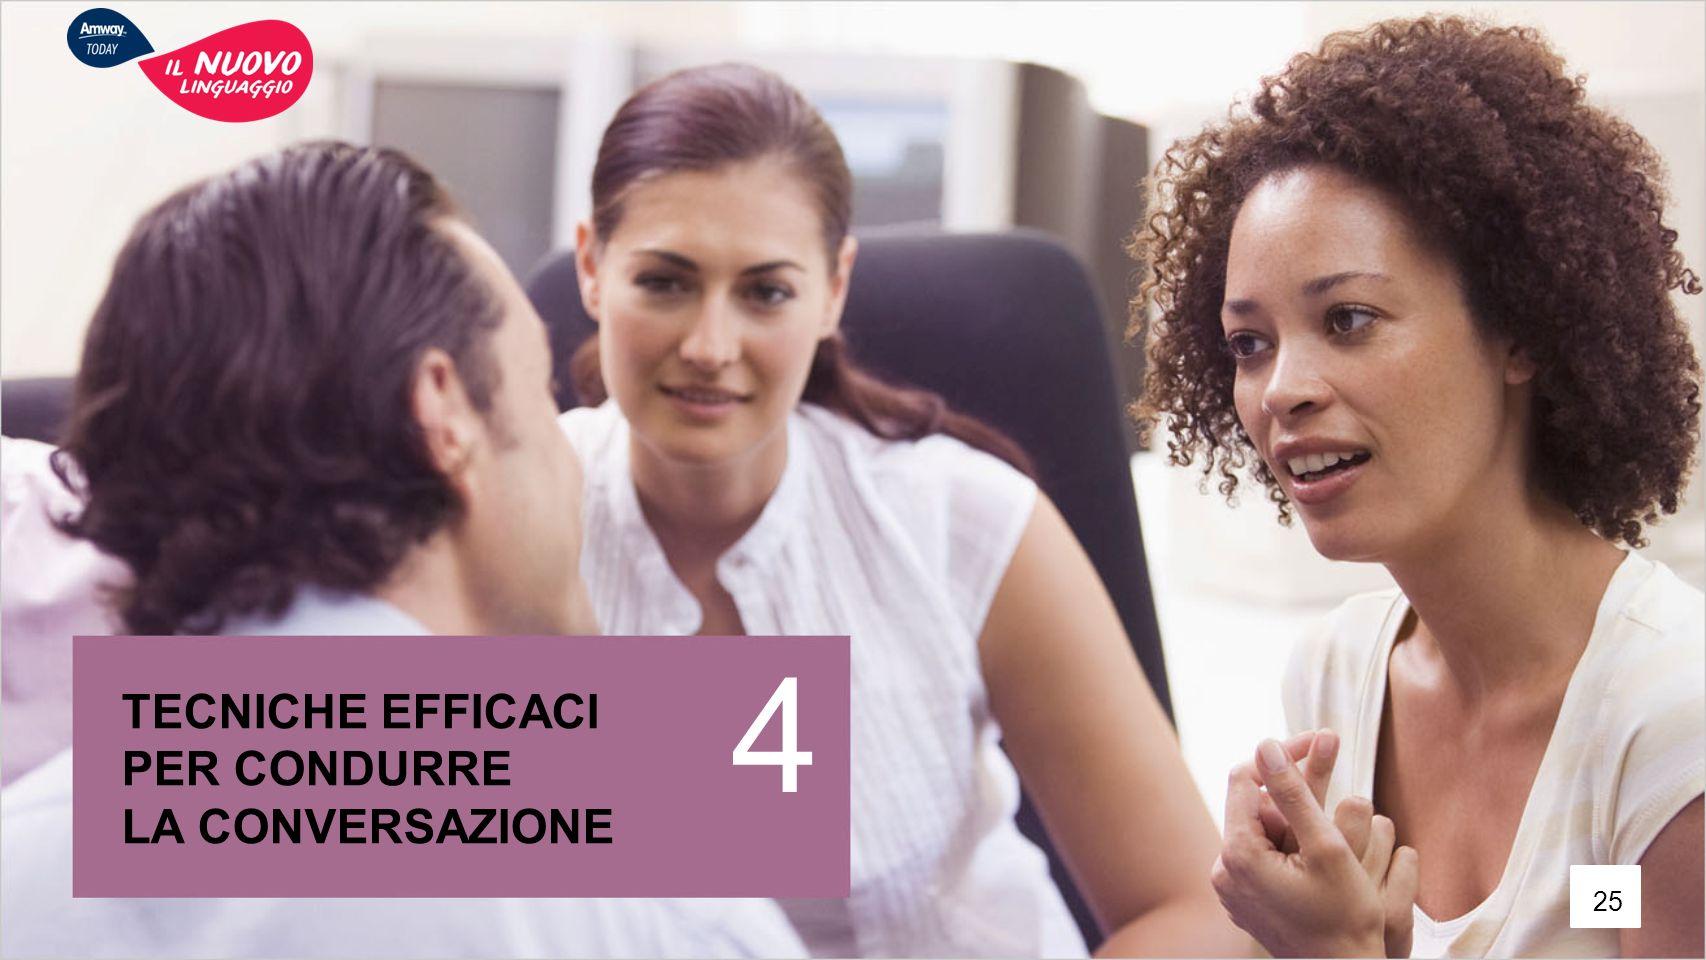 4 TECNICHE EFFICACI PER CONDURRE LA CONVERSAZIONE 25